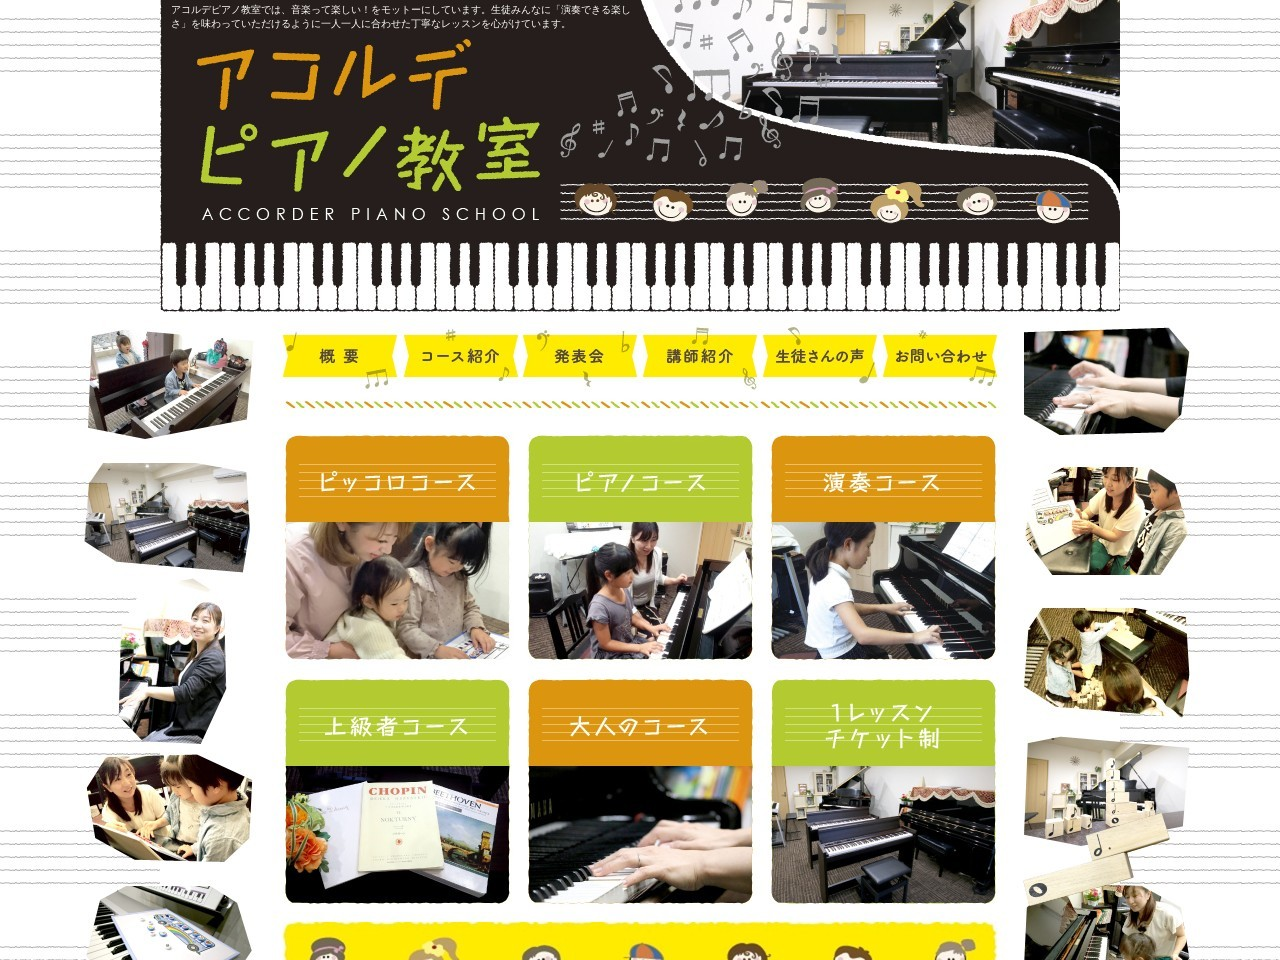 アコルデピアノ教室のサムネイル